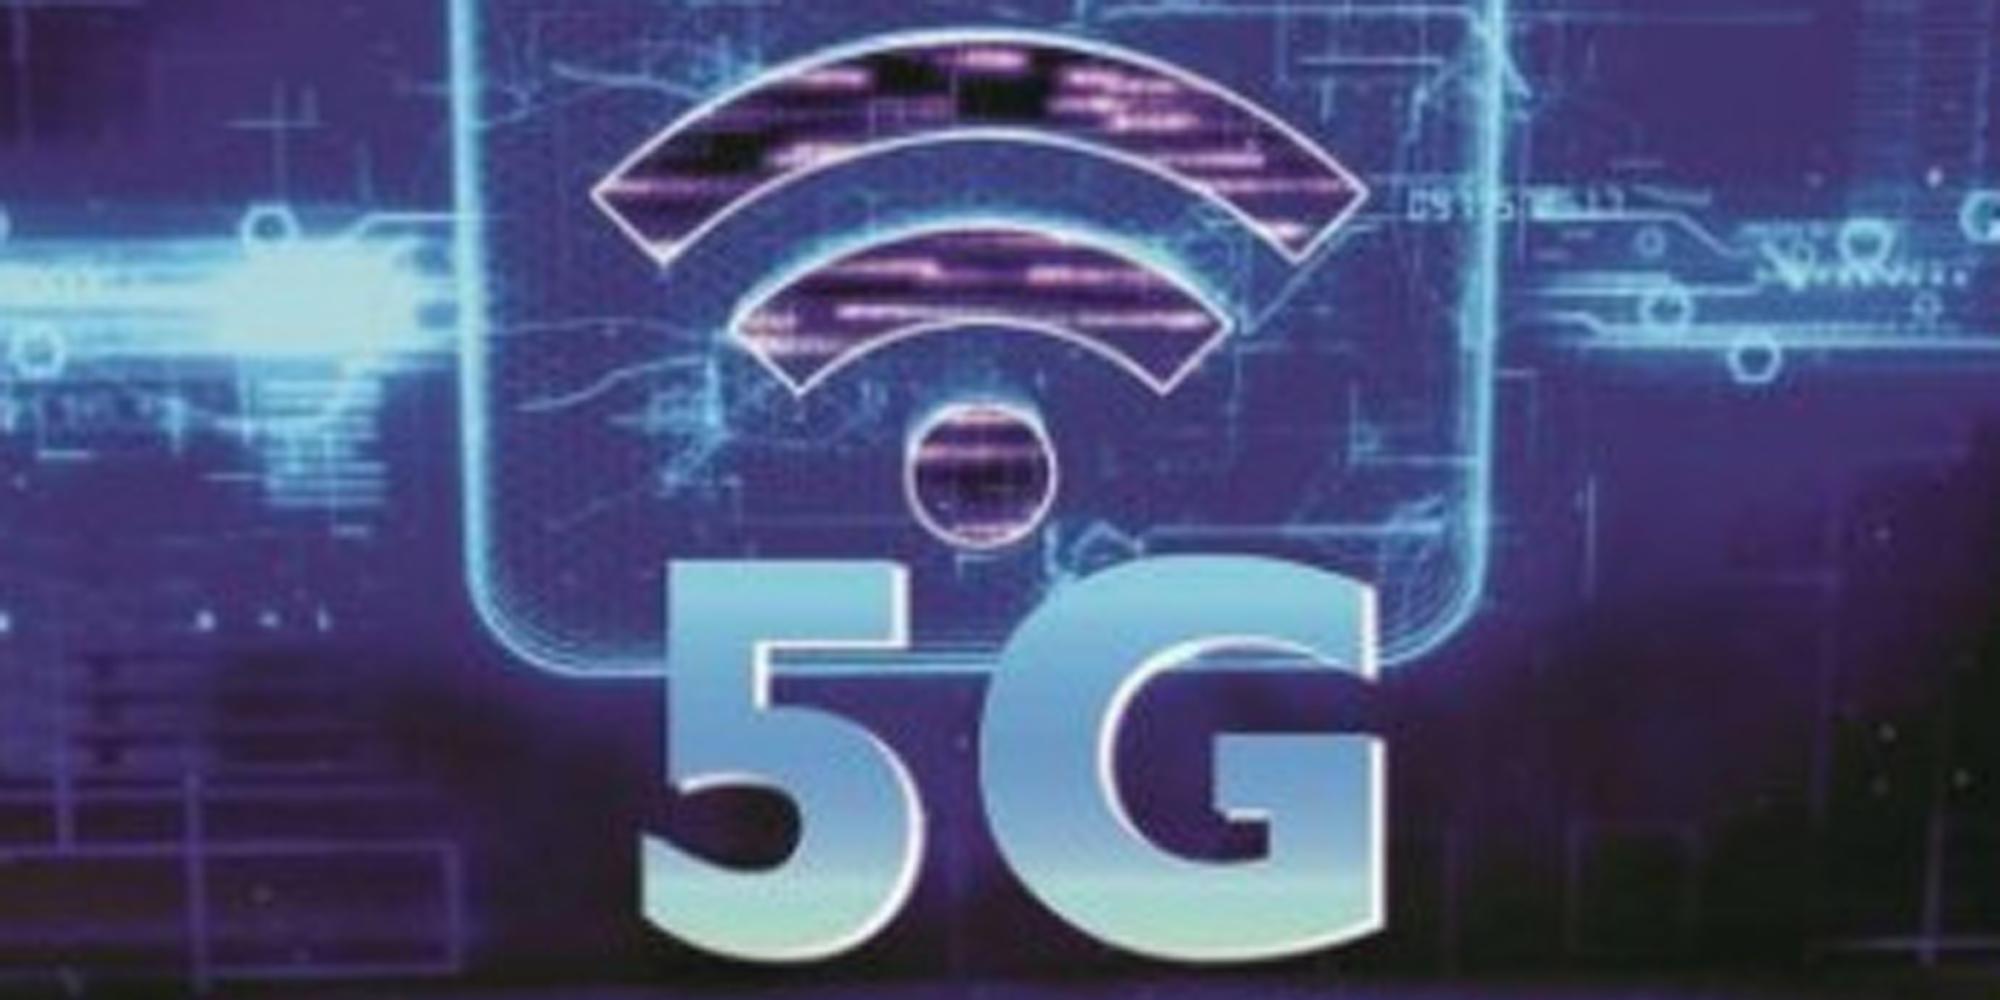 5G Die Technik die Türen öffnet?